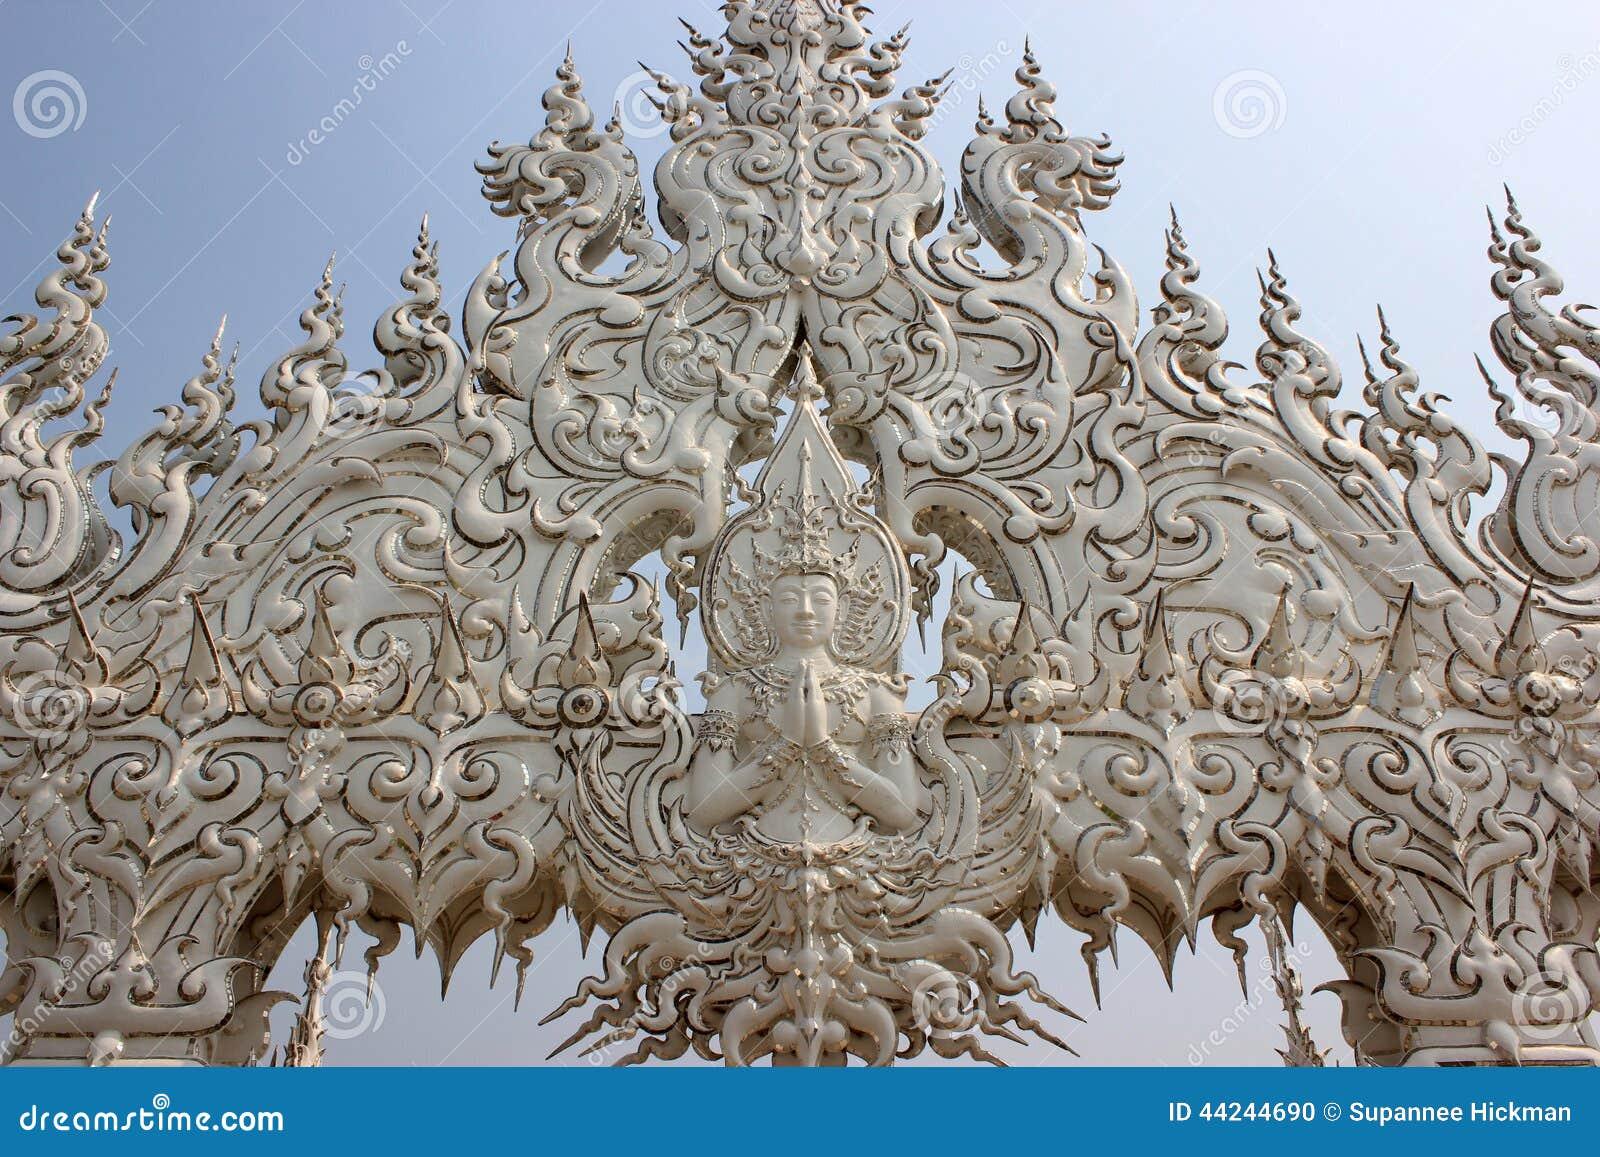 Dekoration An Wat Rong Khun Oder Am Weißen Tempel, Ein ...